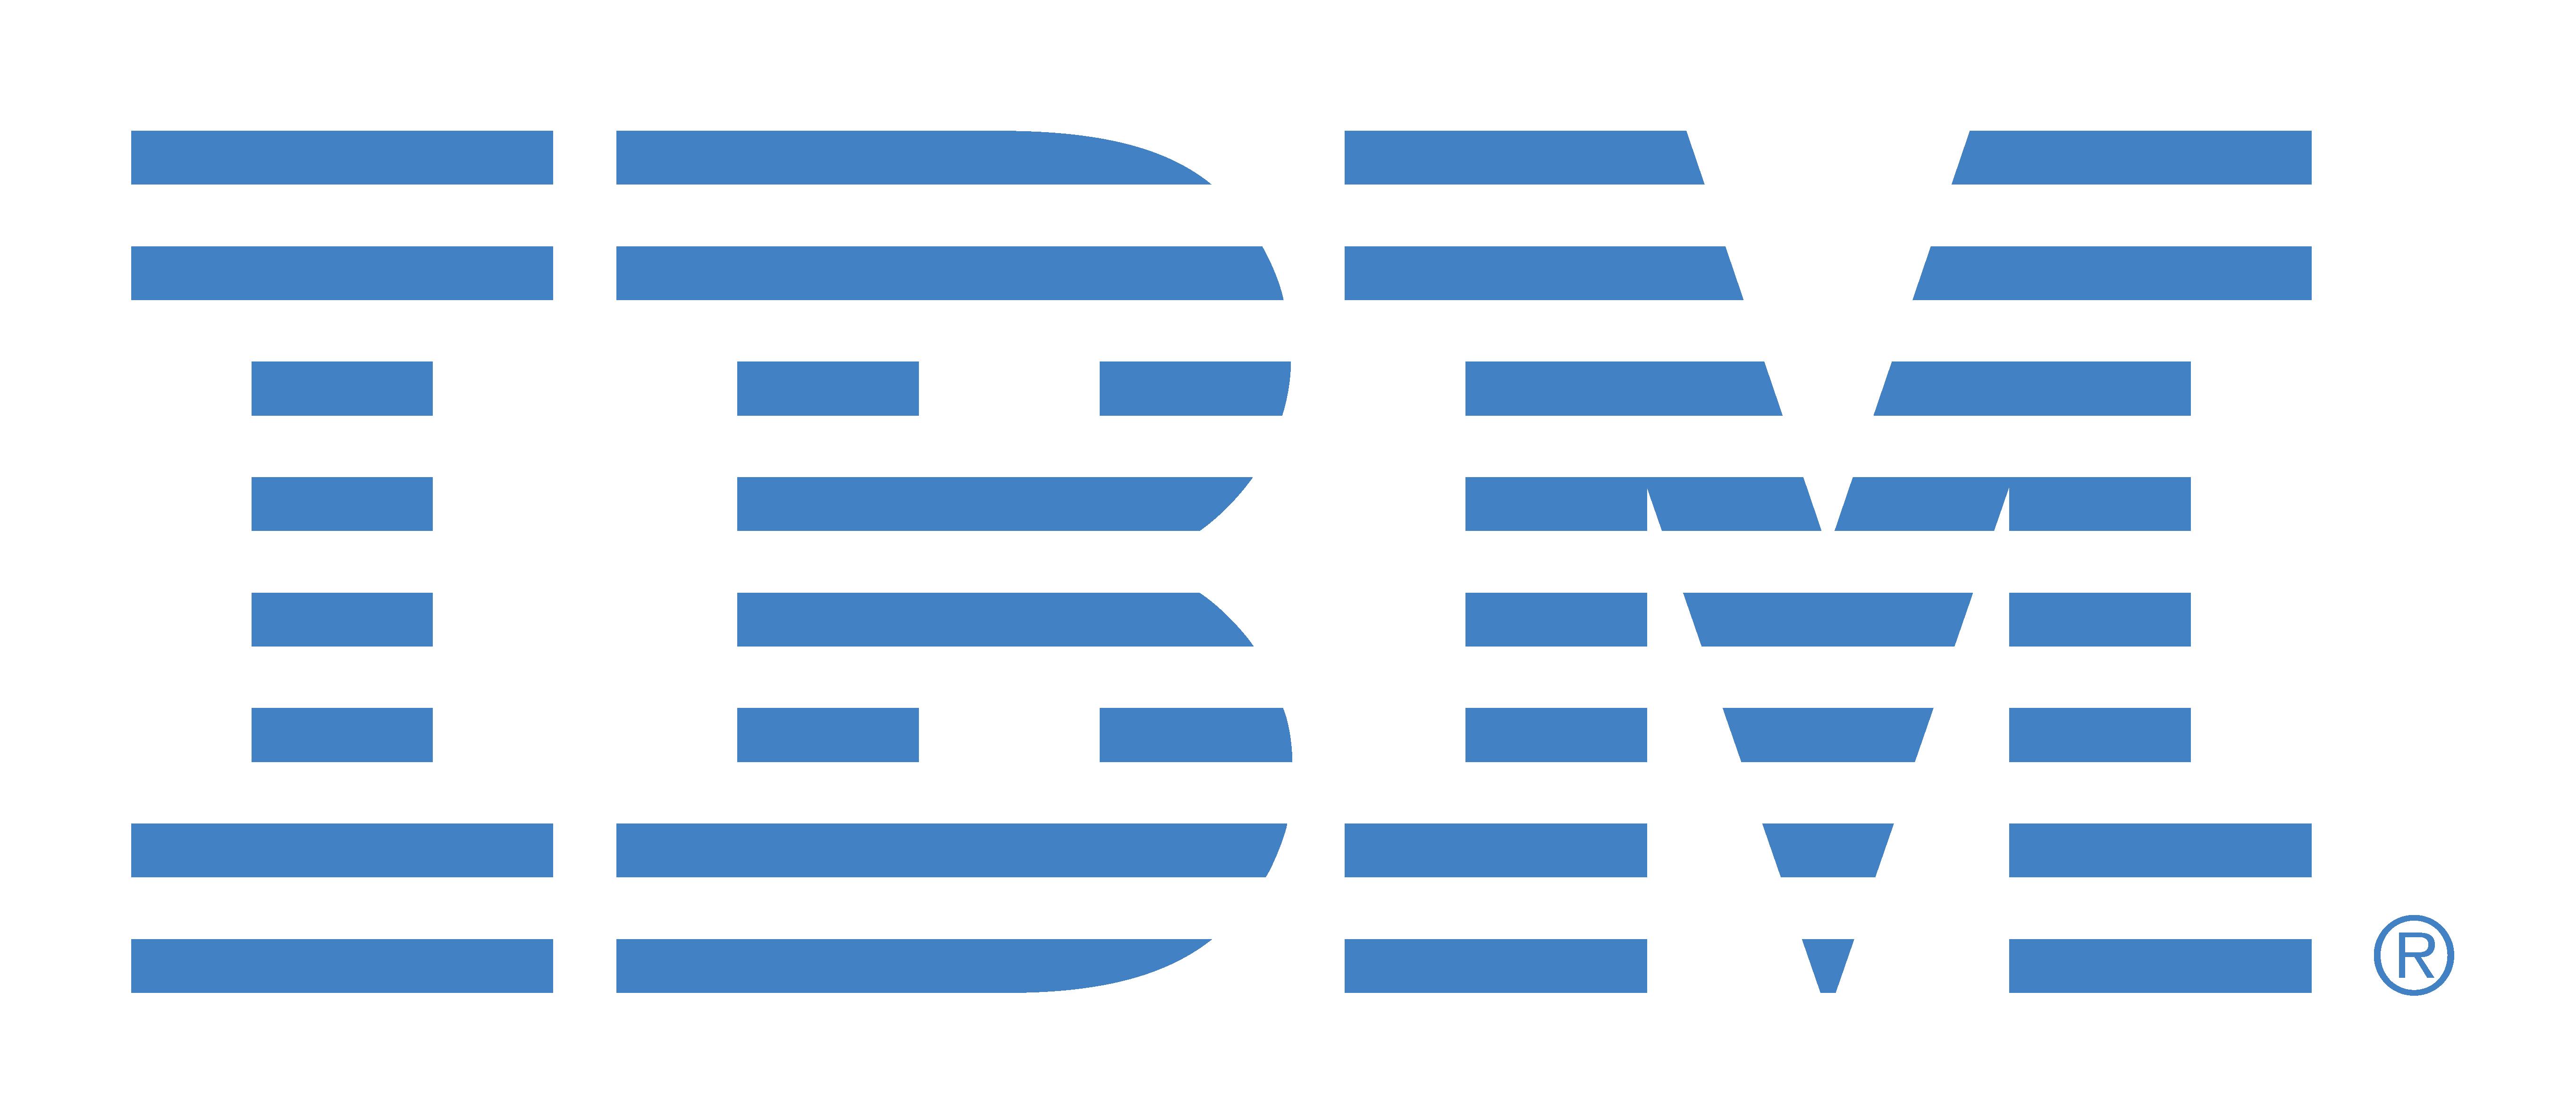 IBM logos PNG images free - Ibm PNG